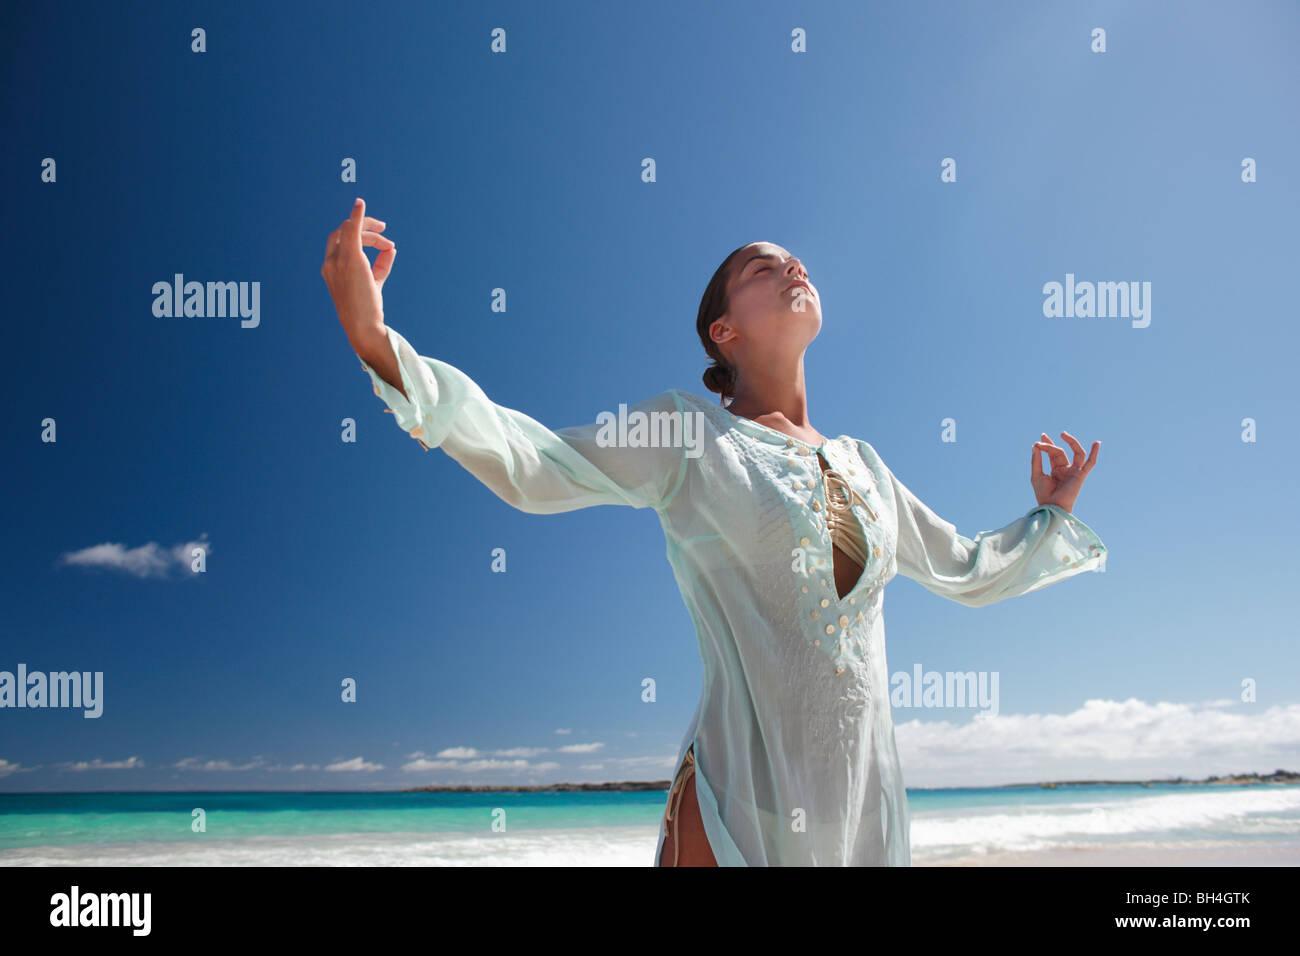 Una joven mujer practicando Tai Chi en una playa desierta Imagen De Stock